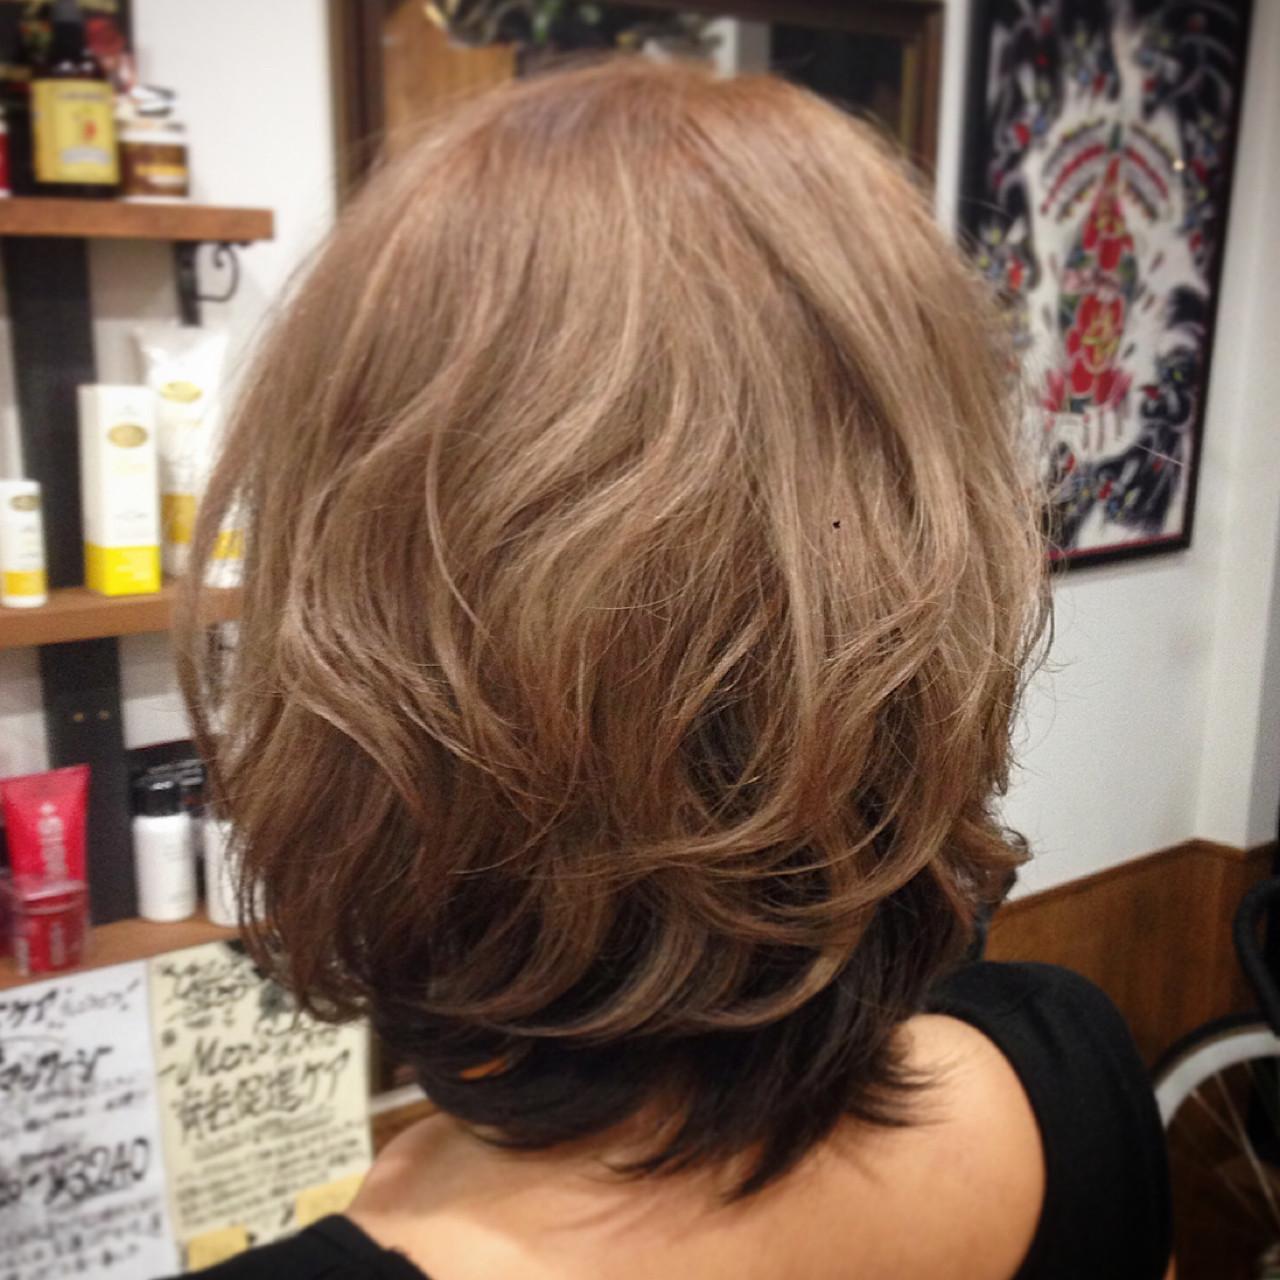 ダブルカラー アッシュ ストリート ミルクティー ヘアスタイルや髪型の写真・画像